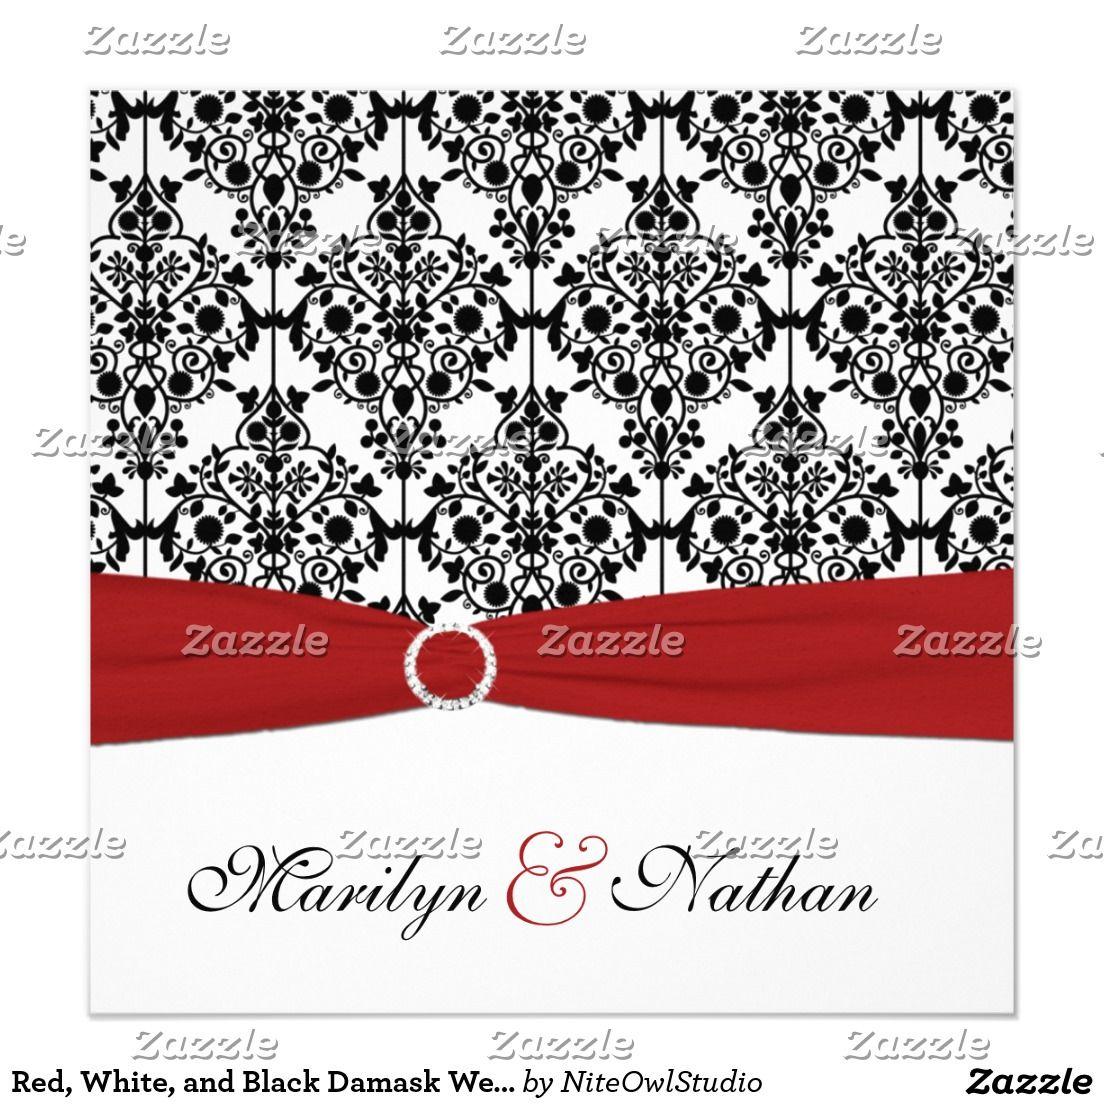 Funky Wedding Invitation Zazzle Ensign - Invitations Design ...